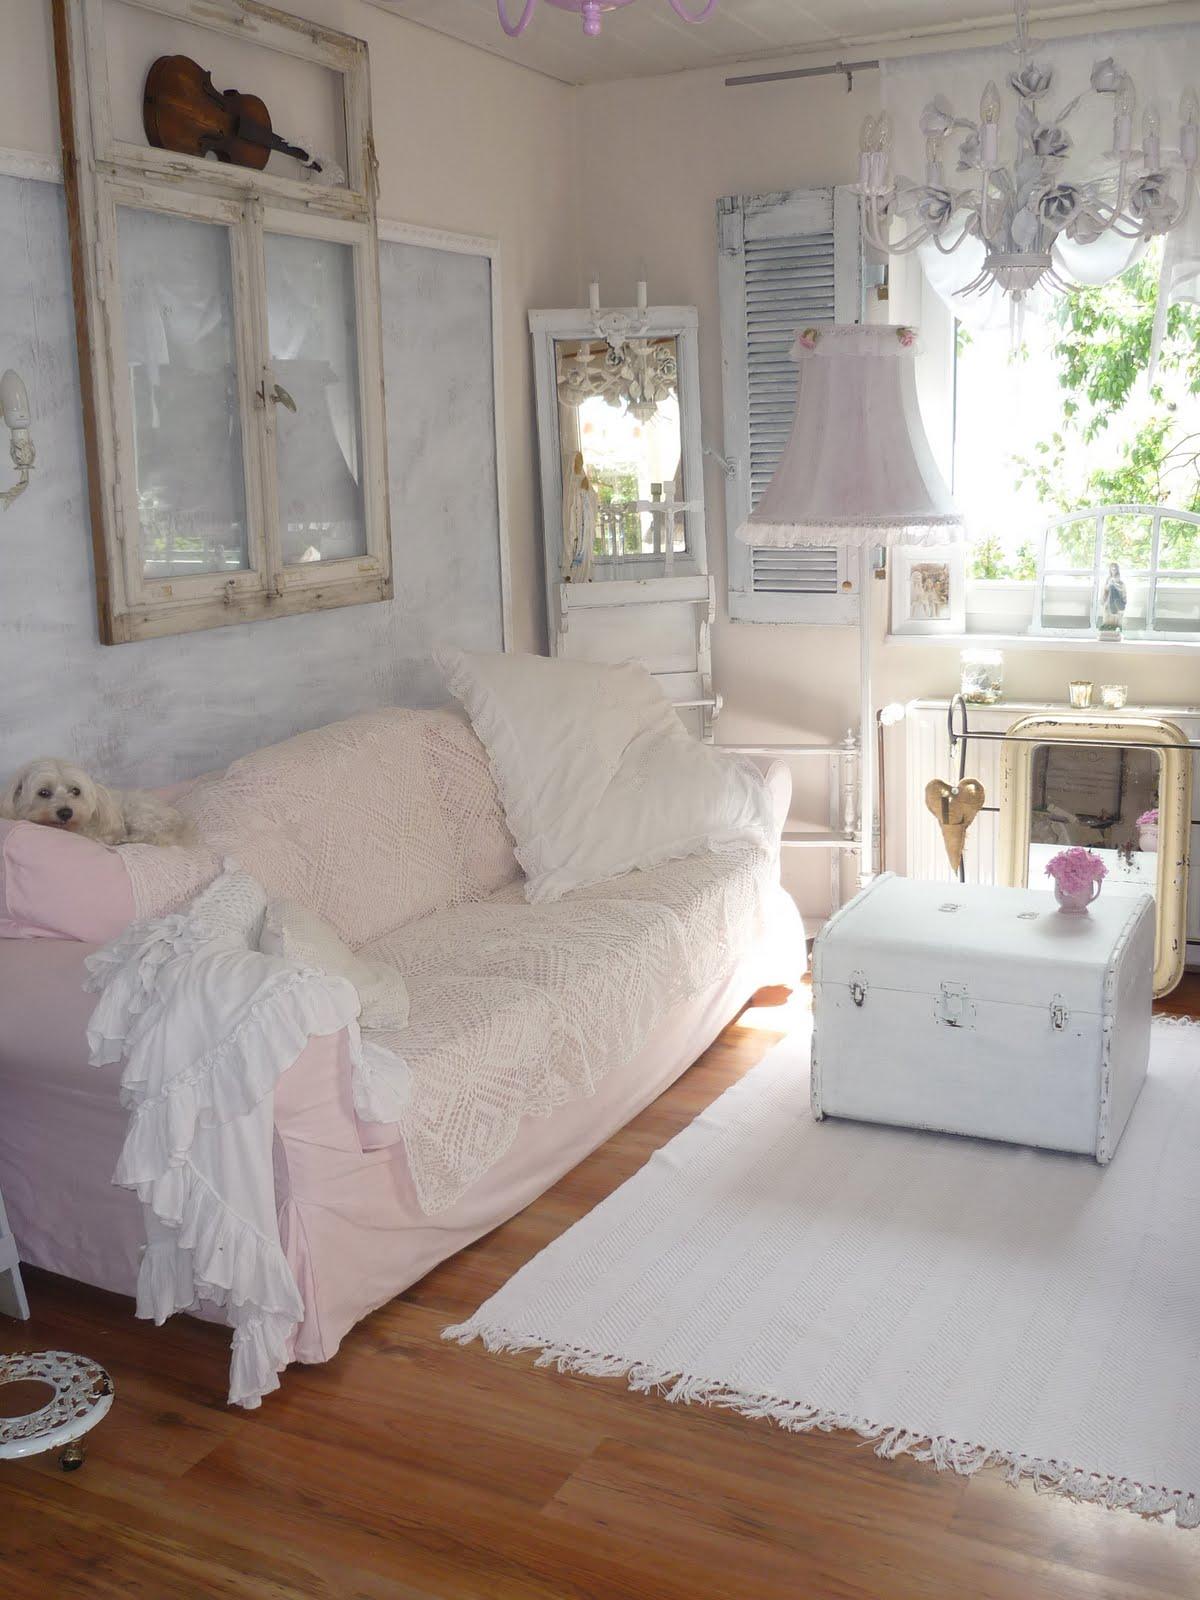 heavens ros cottage mehr wei e romantik im wohnzimmer. Black Bedroom Furniture Sets. Home Design Ideas